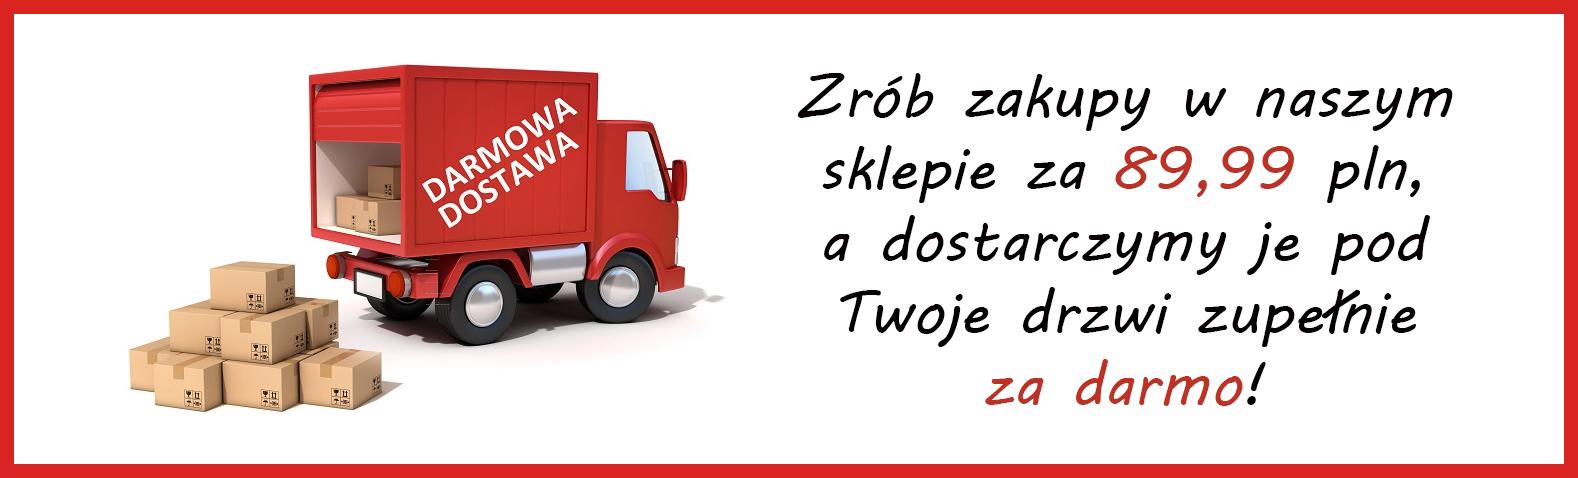 Darmowa dostawa bezglutenowy.sklep.pl